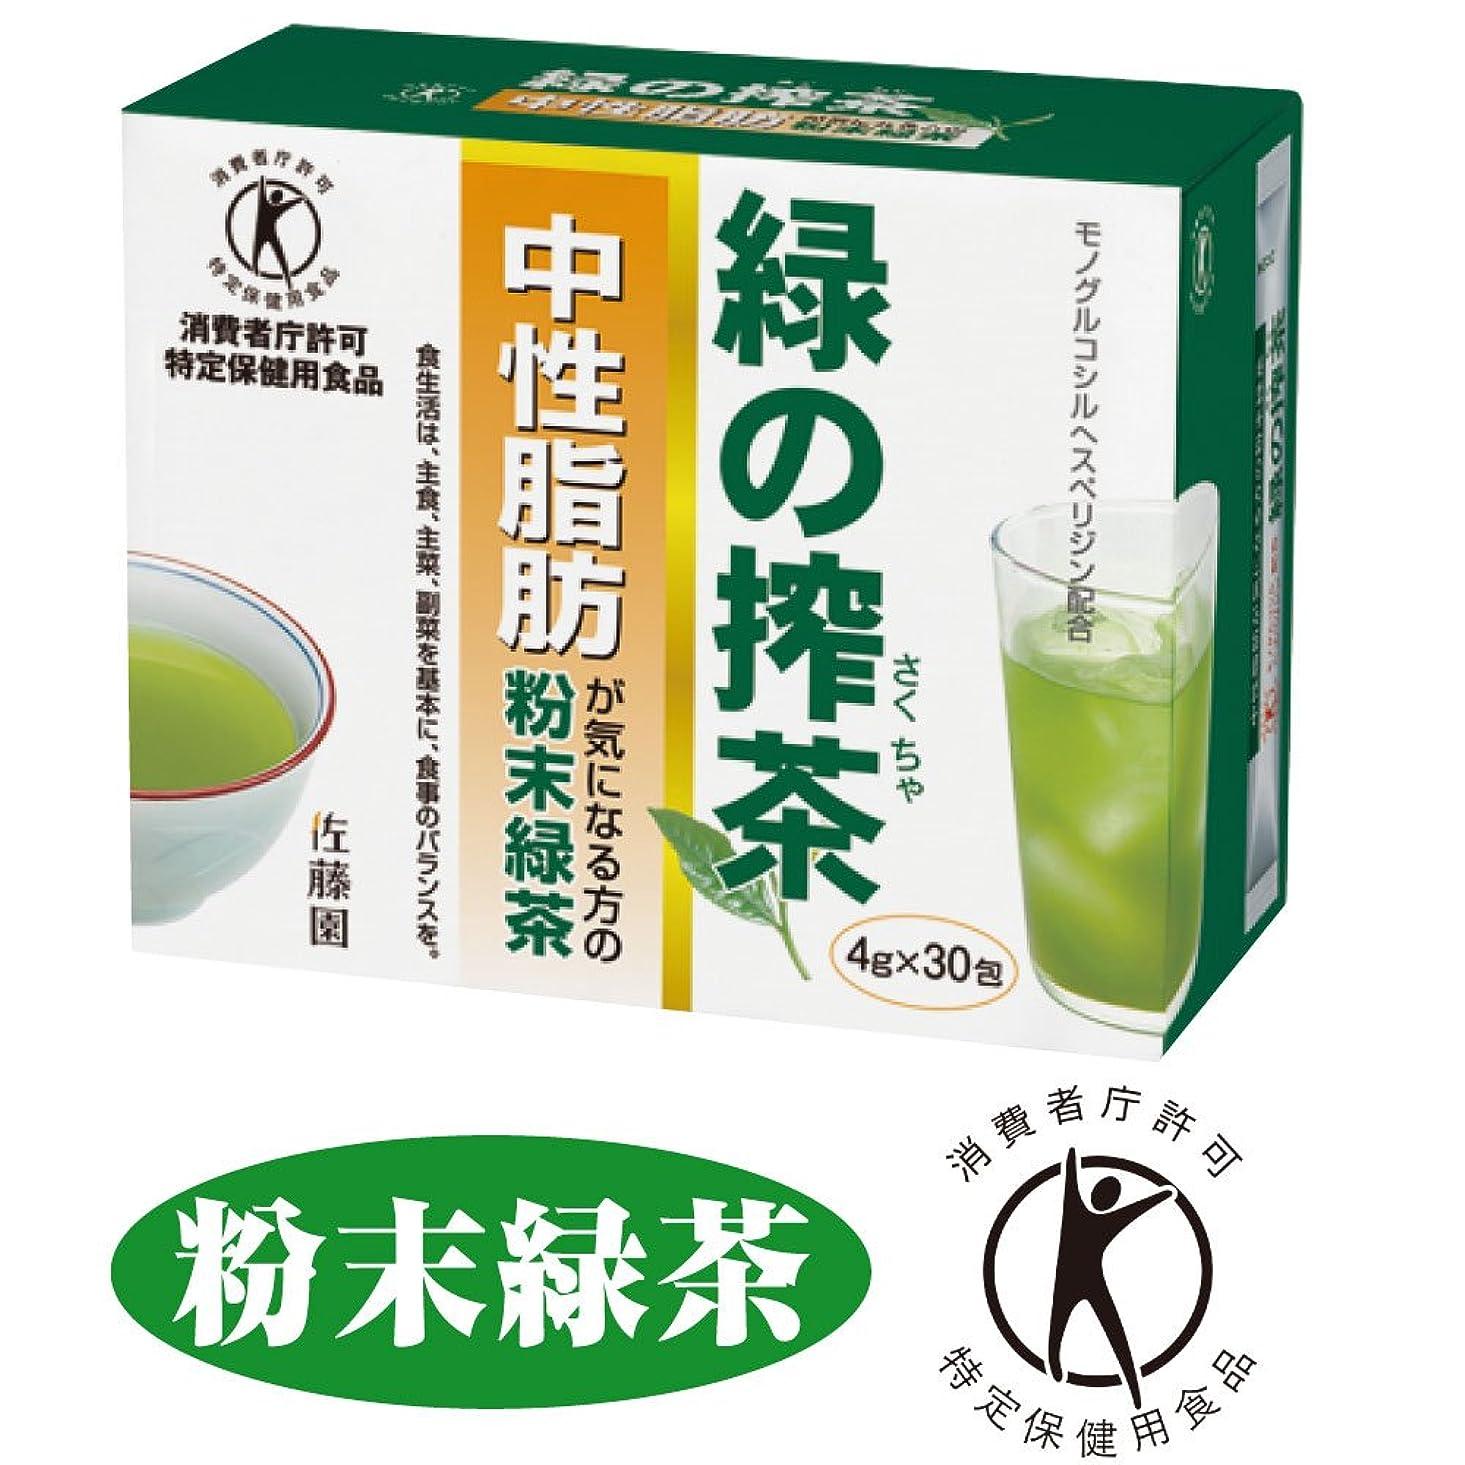 横宿題をする脳佐藤園のトクホのお茶 緑の搾茶(中性脂肪) 30包 [特定保健用食品]